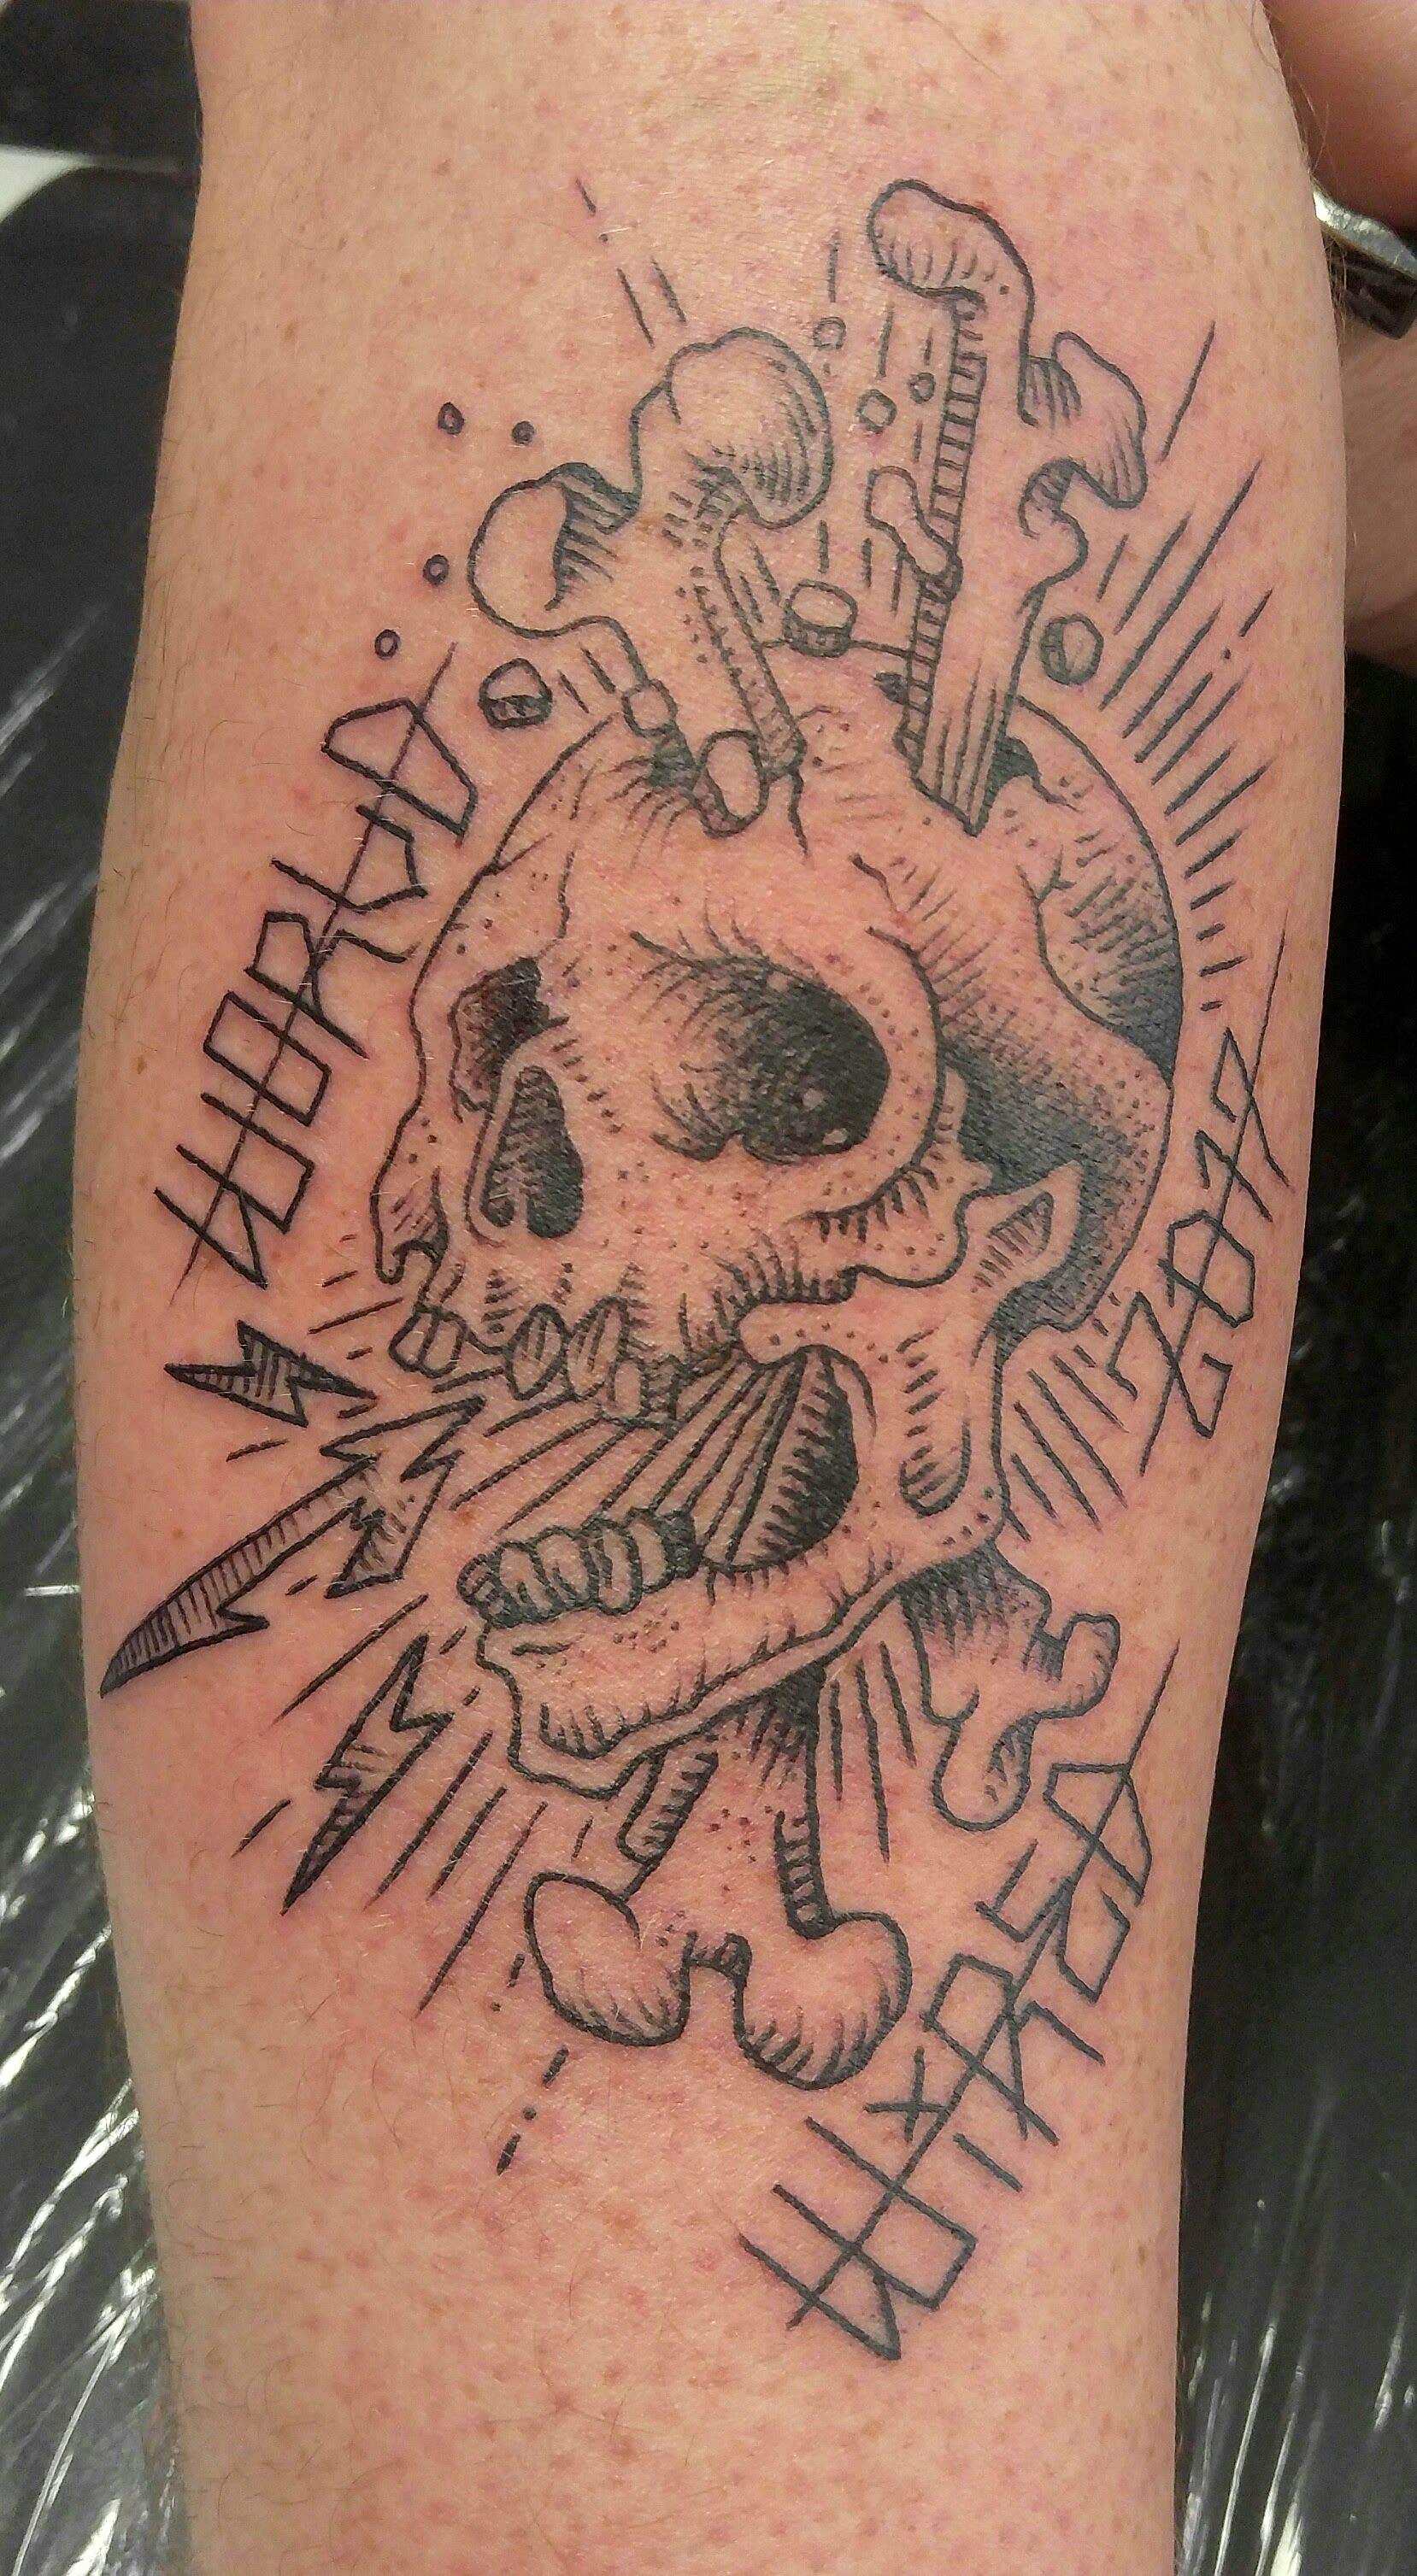 good tattoo shop specialist tattoo custom tattoo tattoo design tattoos tattoo artist tattoo parlor Raul Regalado Skinhouse Studio Main St. Tattoo Electric Tattoo Longmont Tattoo Shop Colorado best tattoo denver tattoo shop